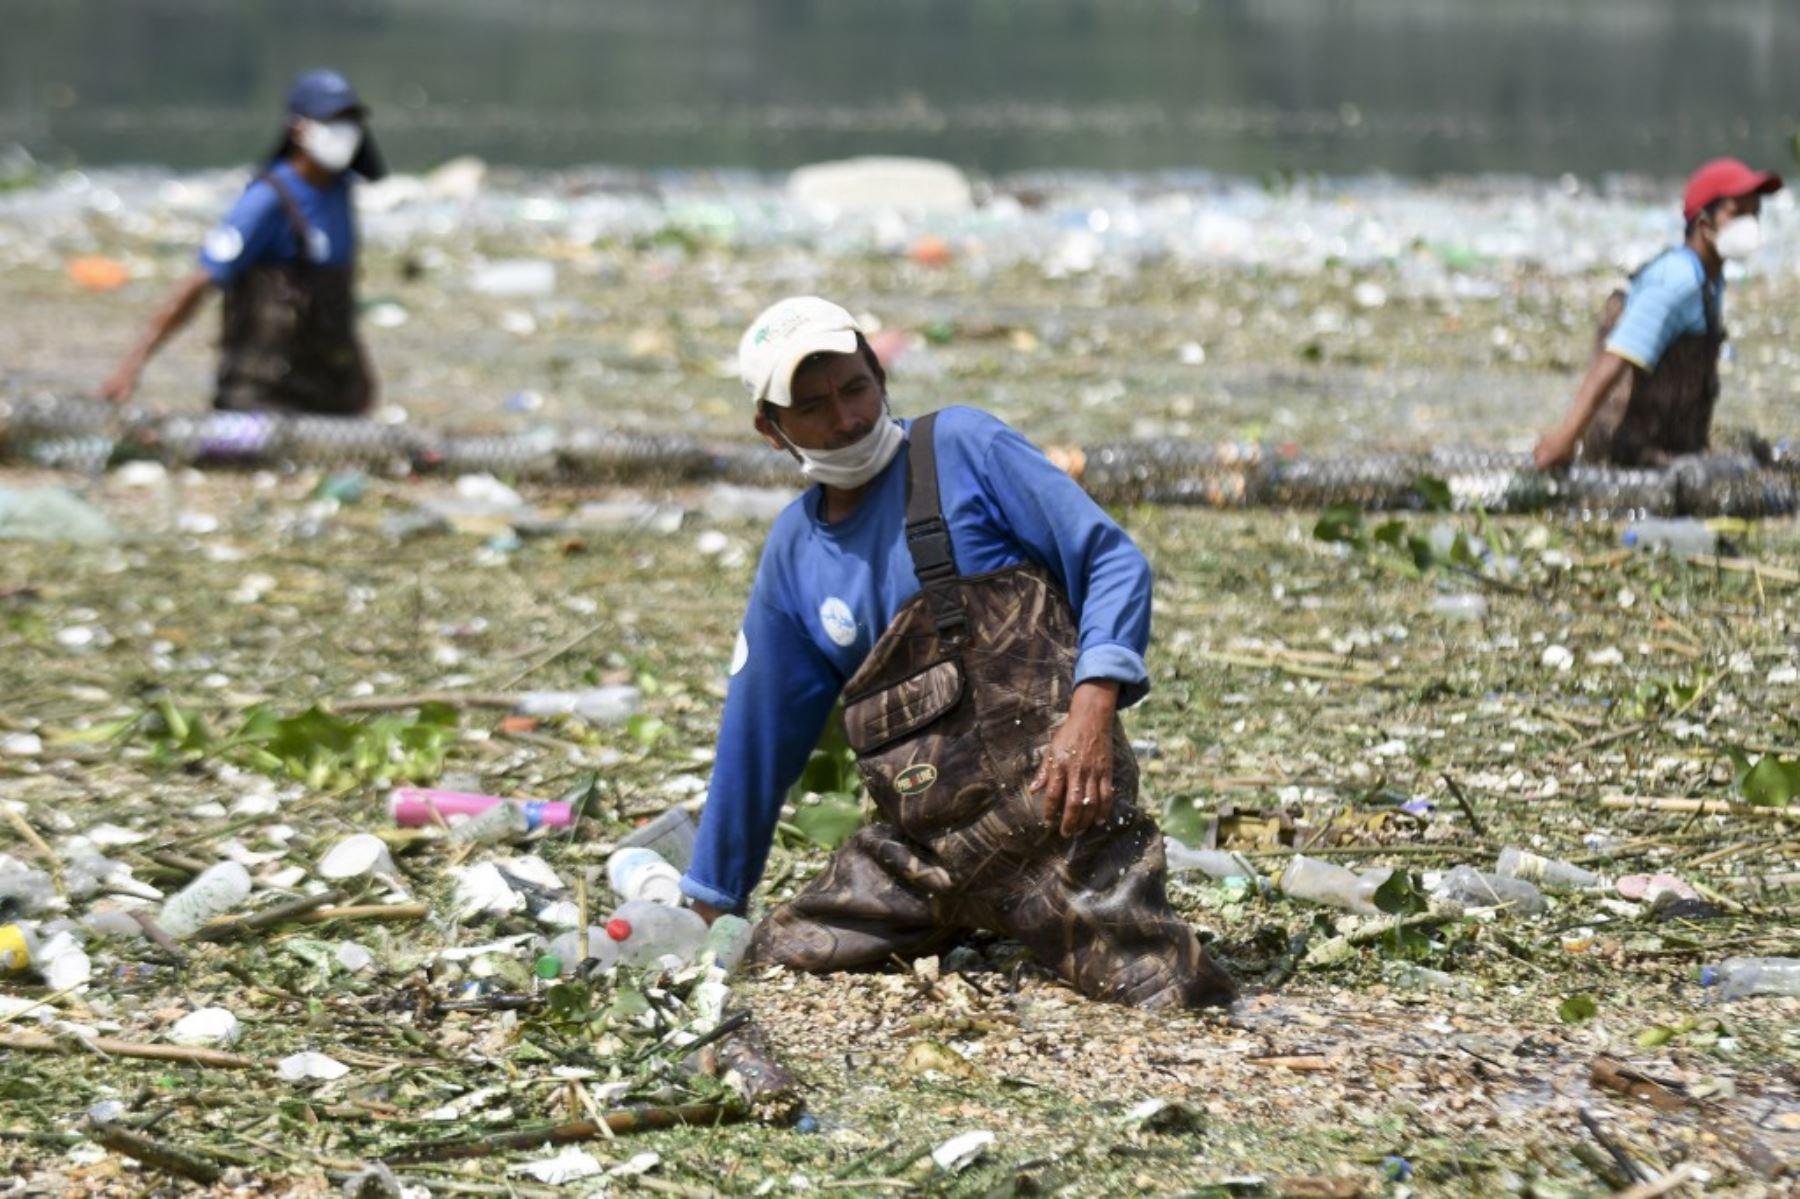 Los trabajadores de la Autoridad del Lago Amatitlán (AMSA) recolectan basura arrastrada por las lluvias y retenida por una barrera flotante instalada en uno de los afluentes del Lago en Amatitlán, 30 kms al sur de la Ciudad de Guatemala. Foto: AFP